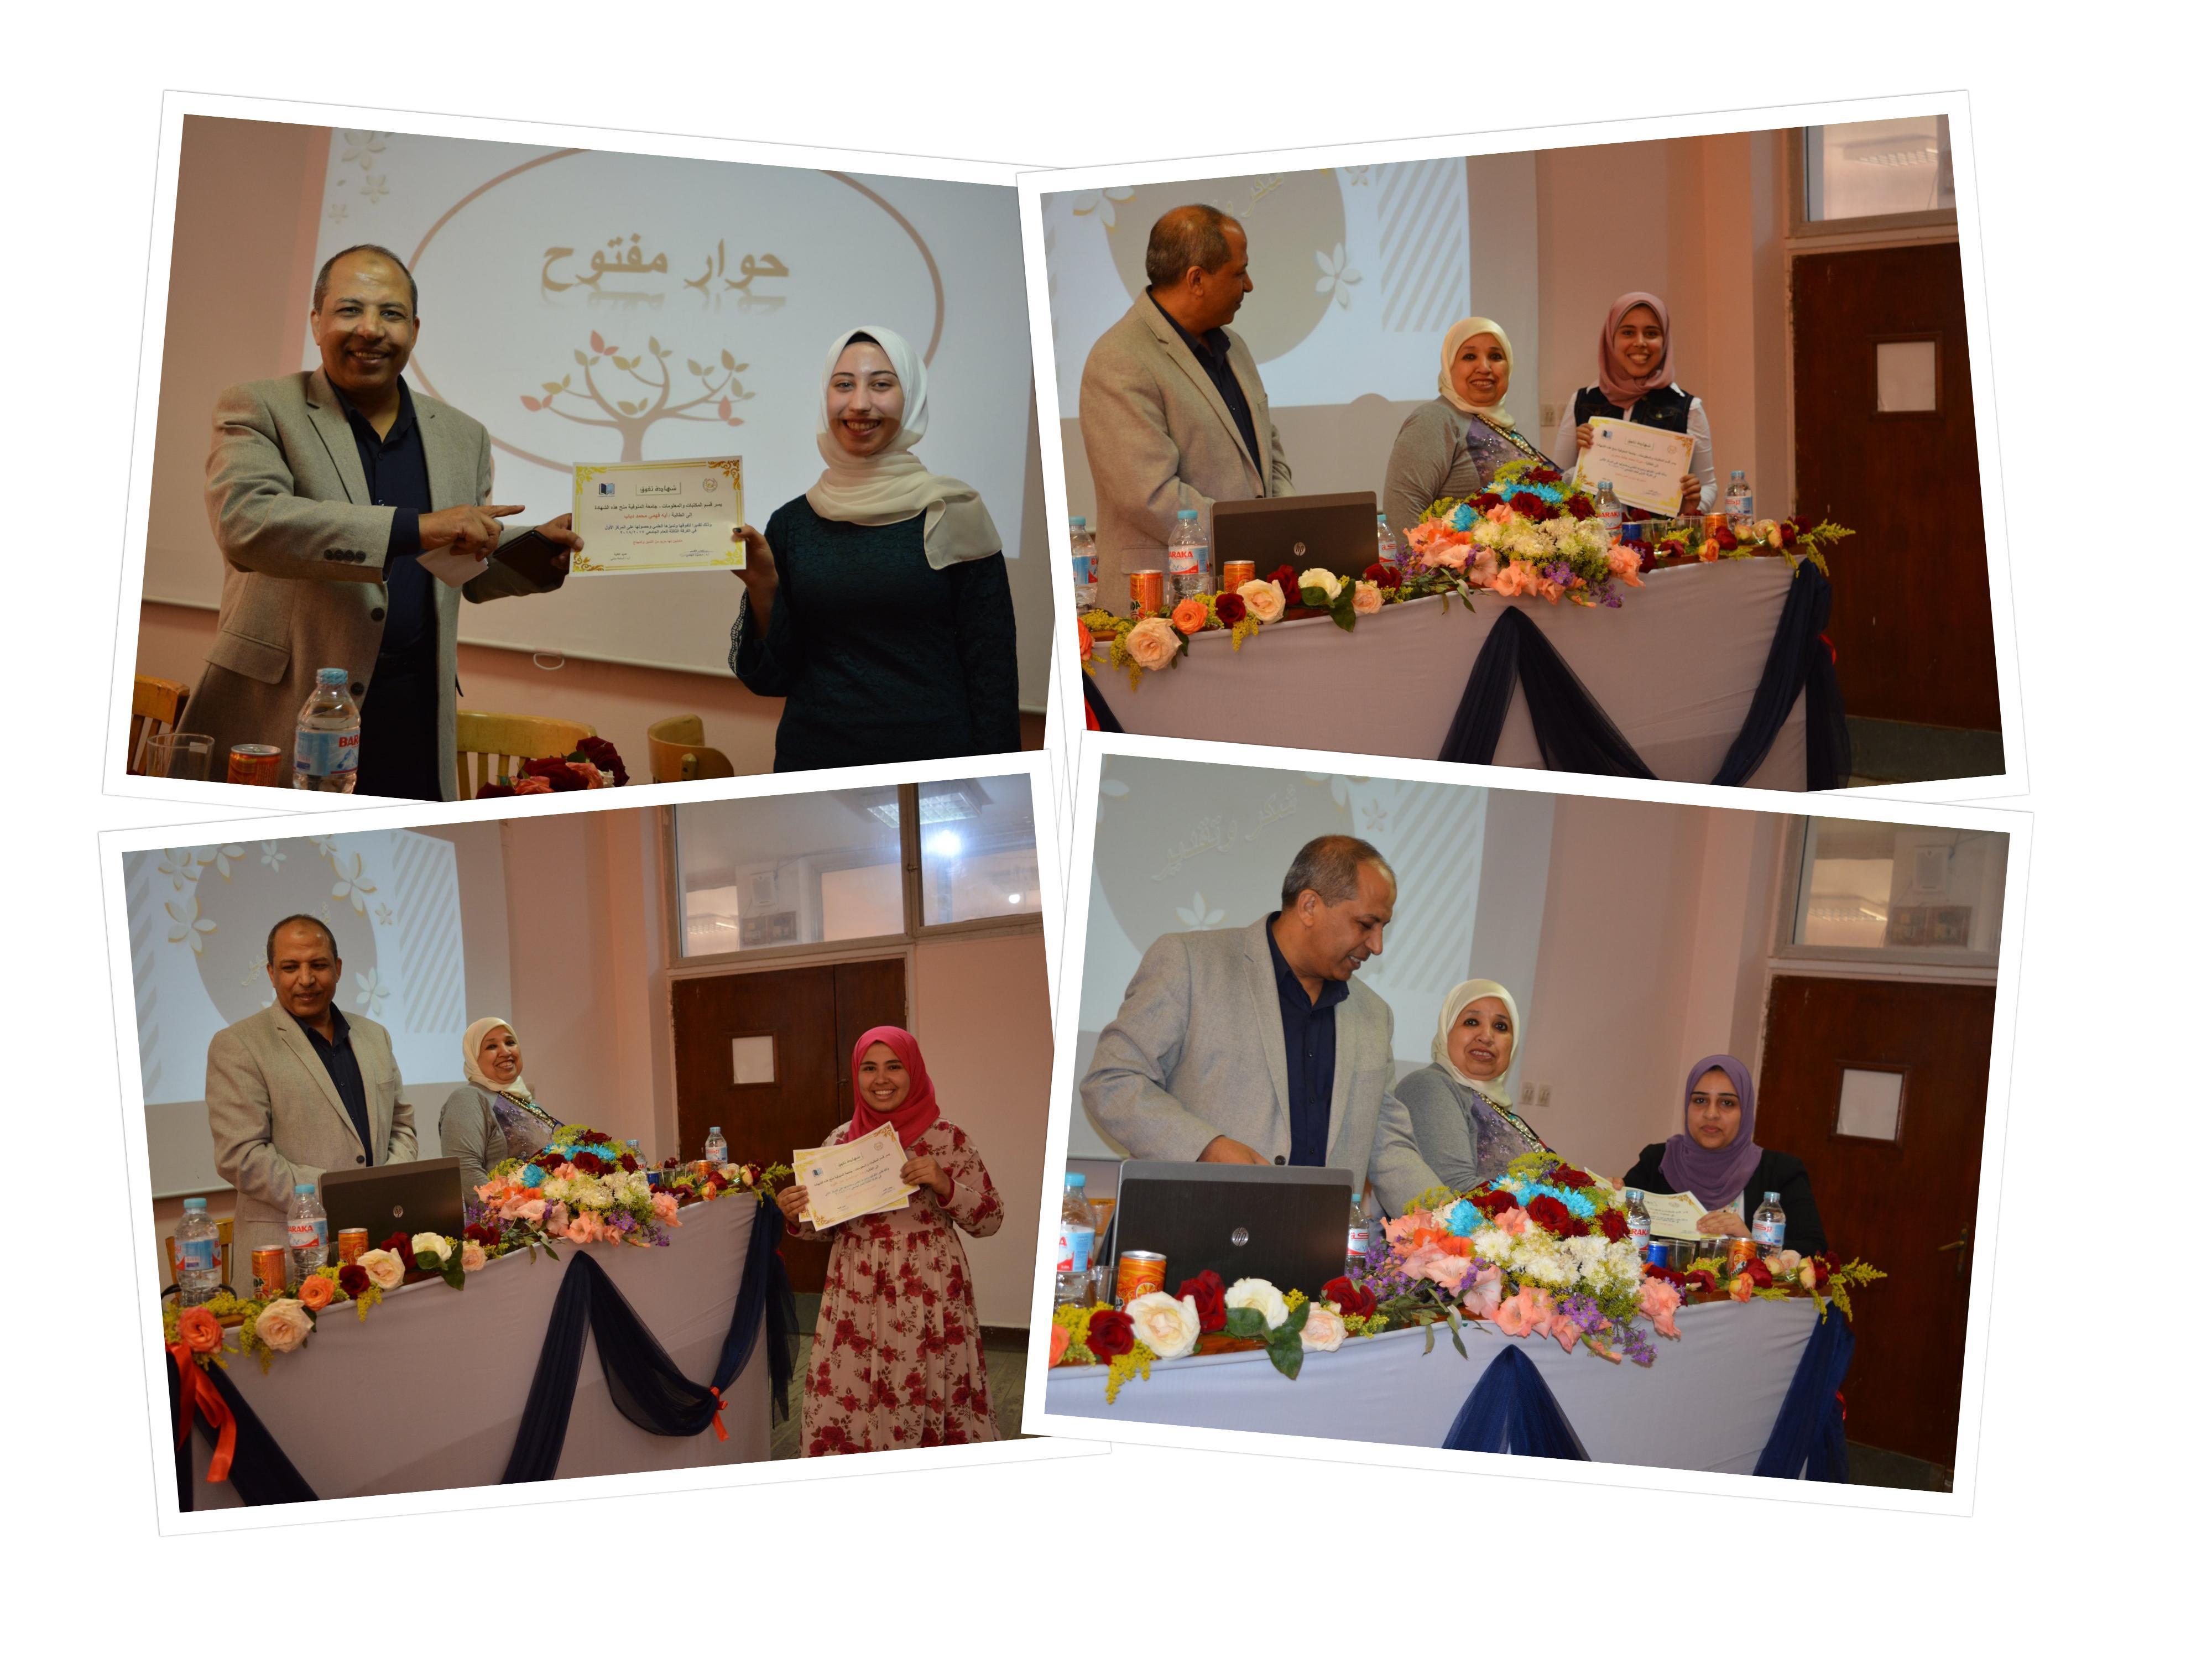 تكريم الطلاب المتفوقين علميا وثقافيا